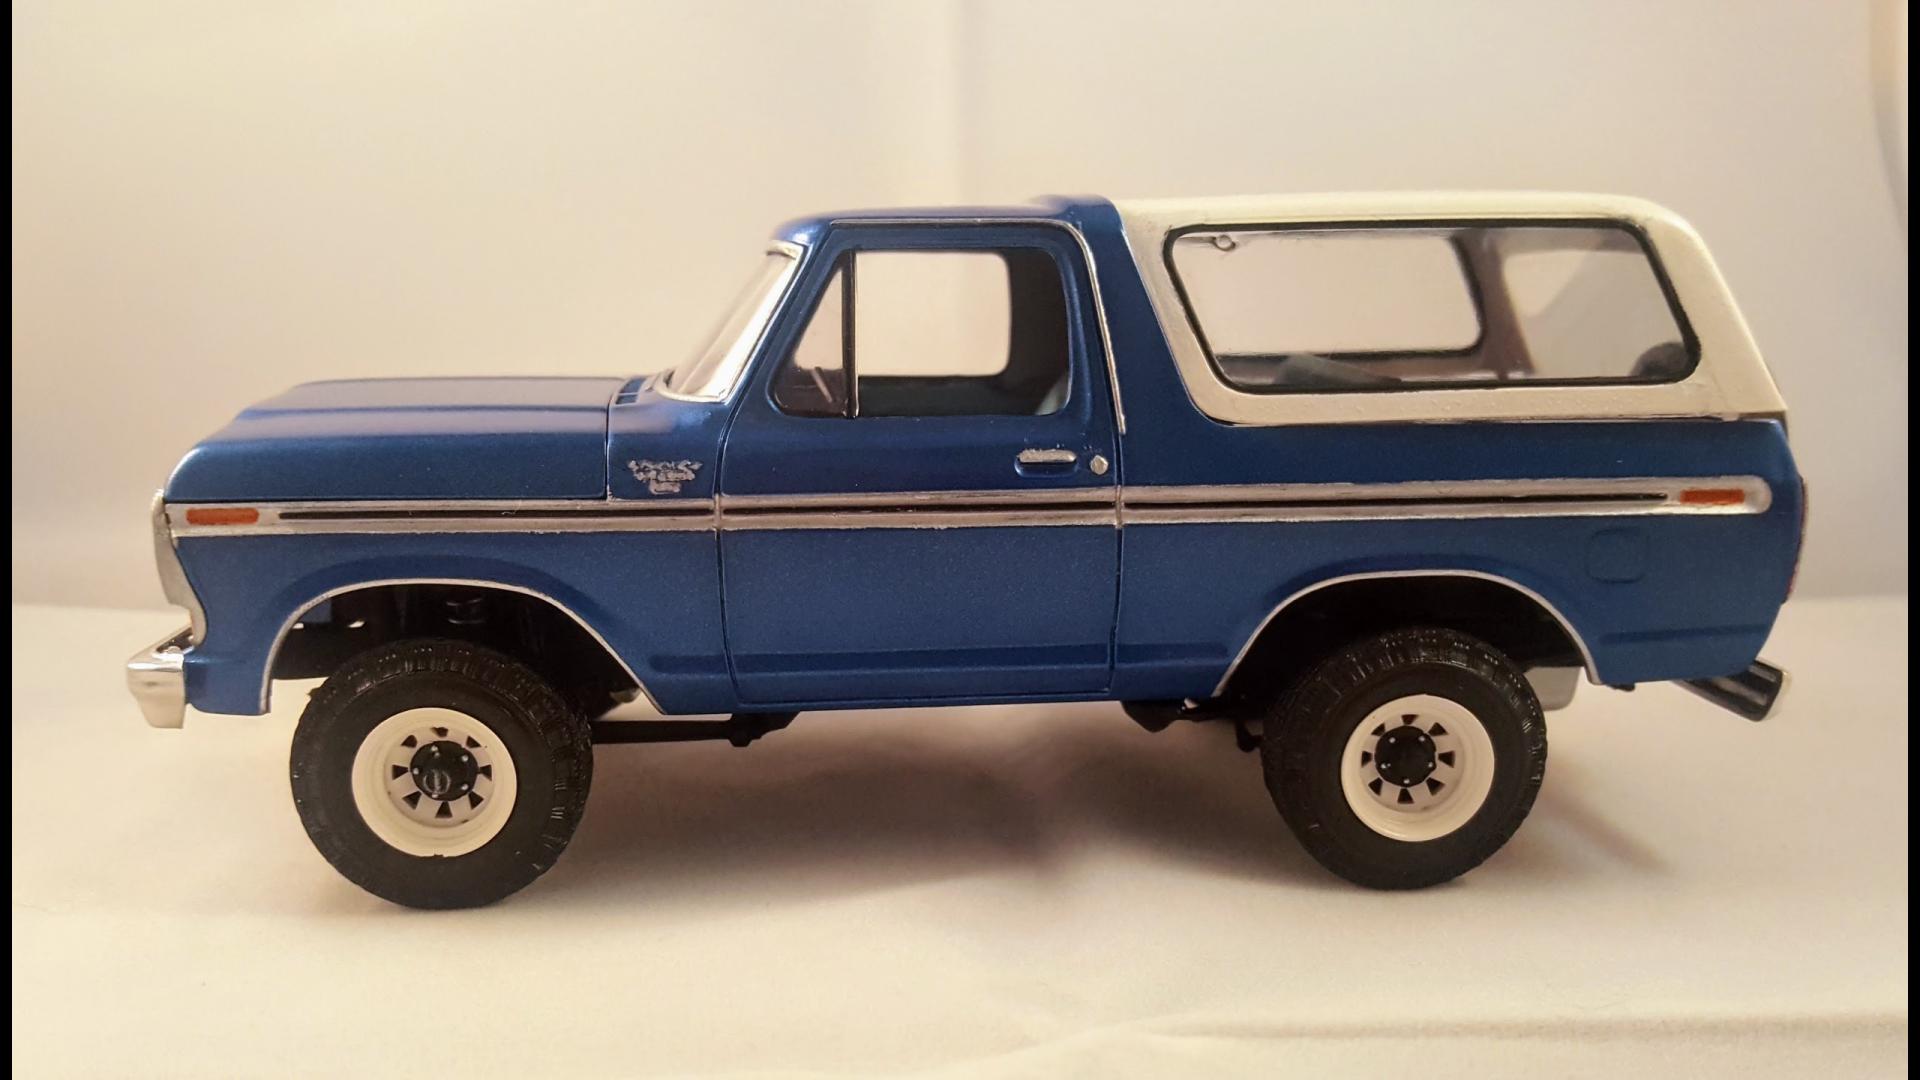 AMT 1979 Ford Bronco - Under Glass: Pickups, Vans, SUVs ...